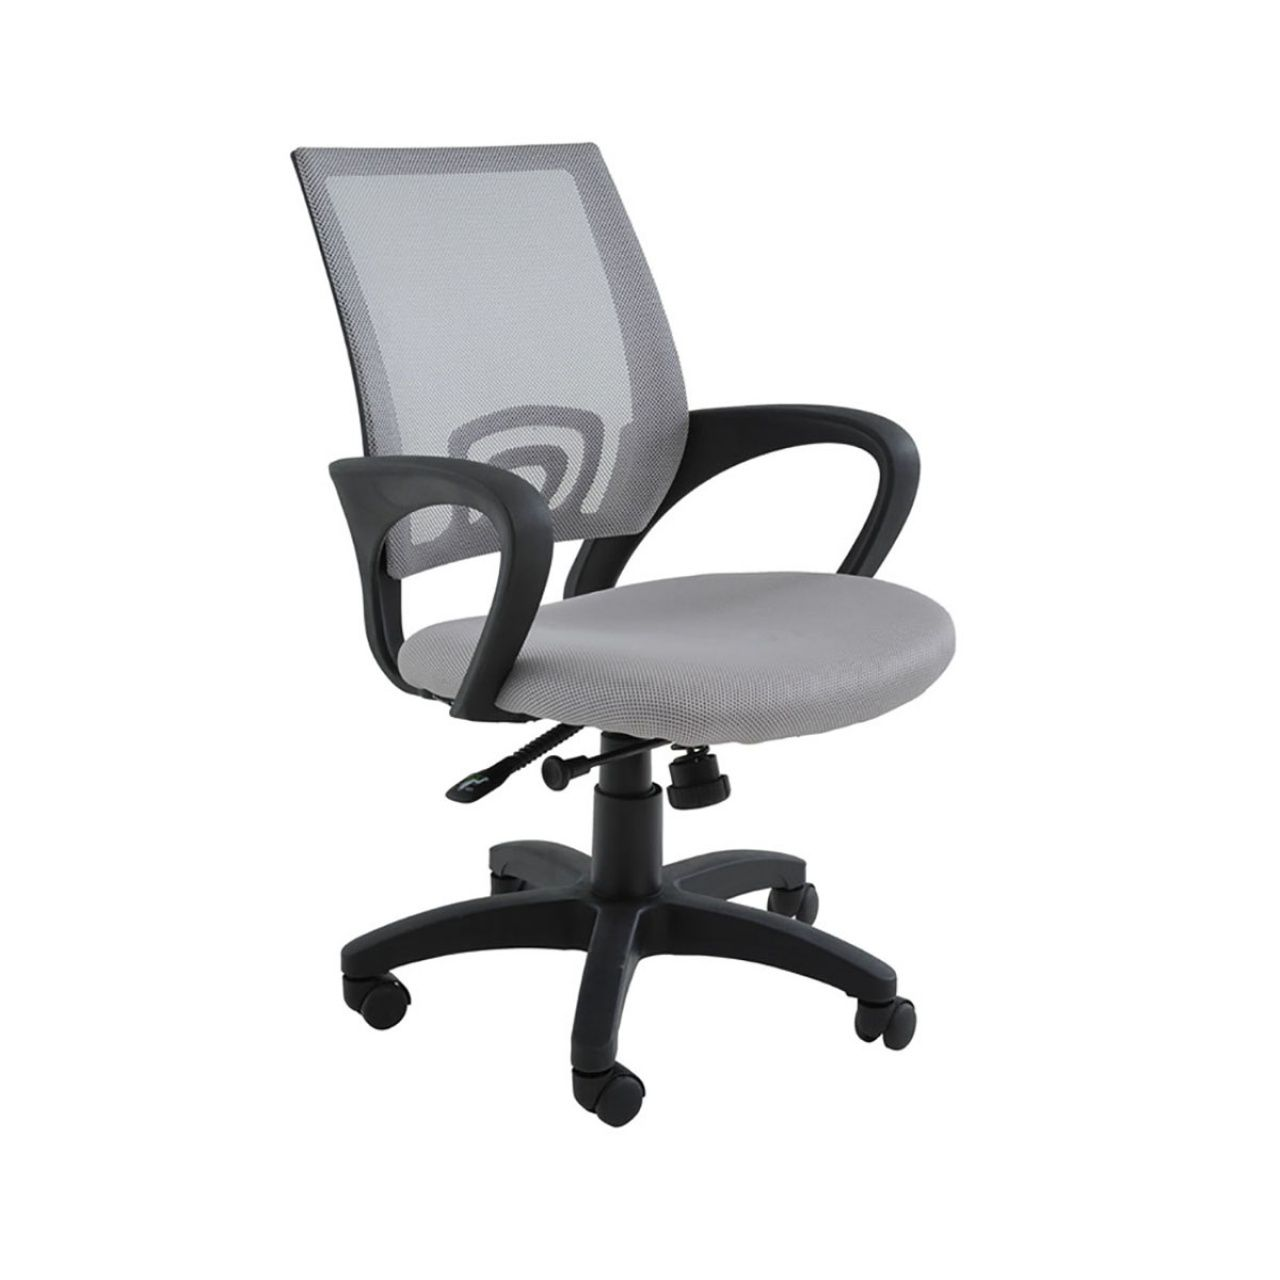 cadeira-de-escritorio-pierre-giratoria